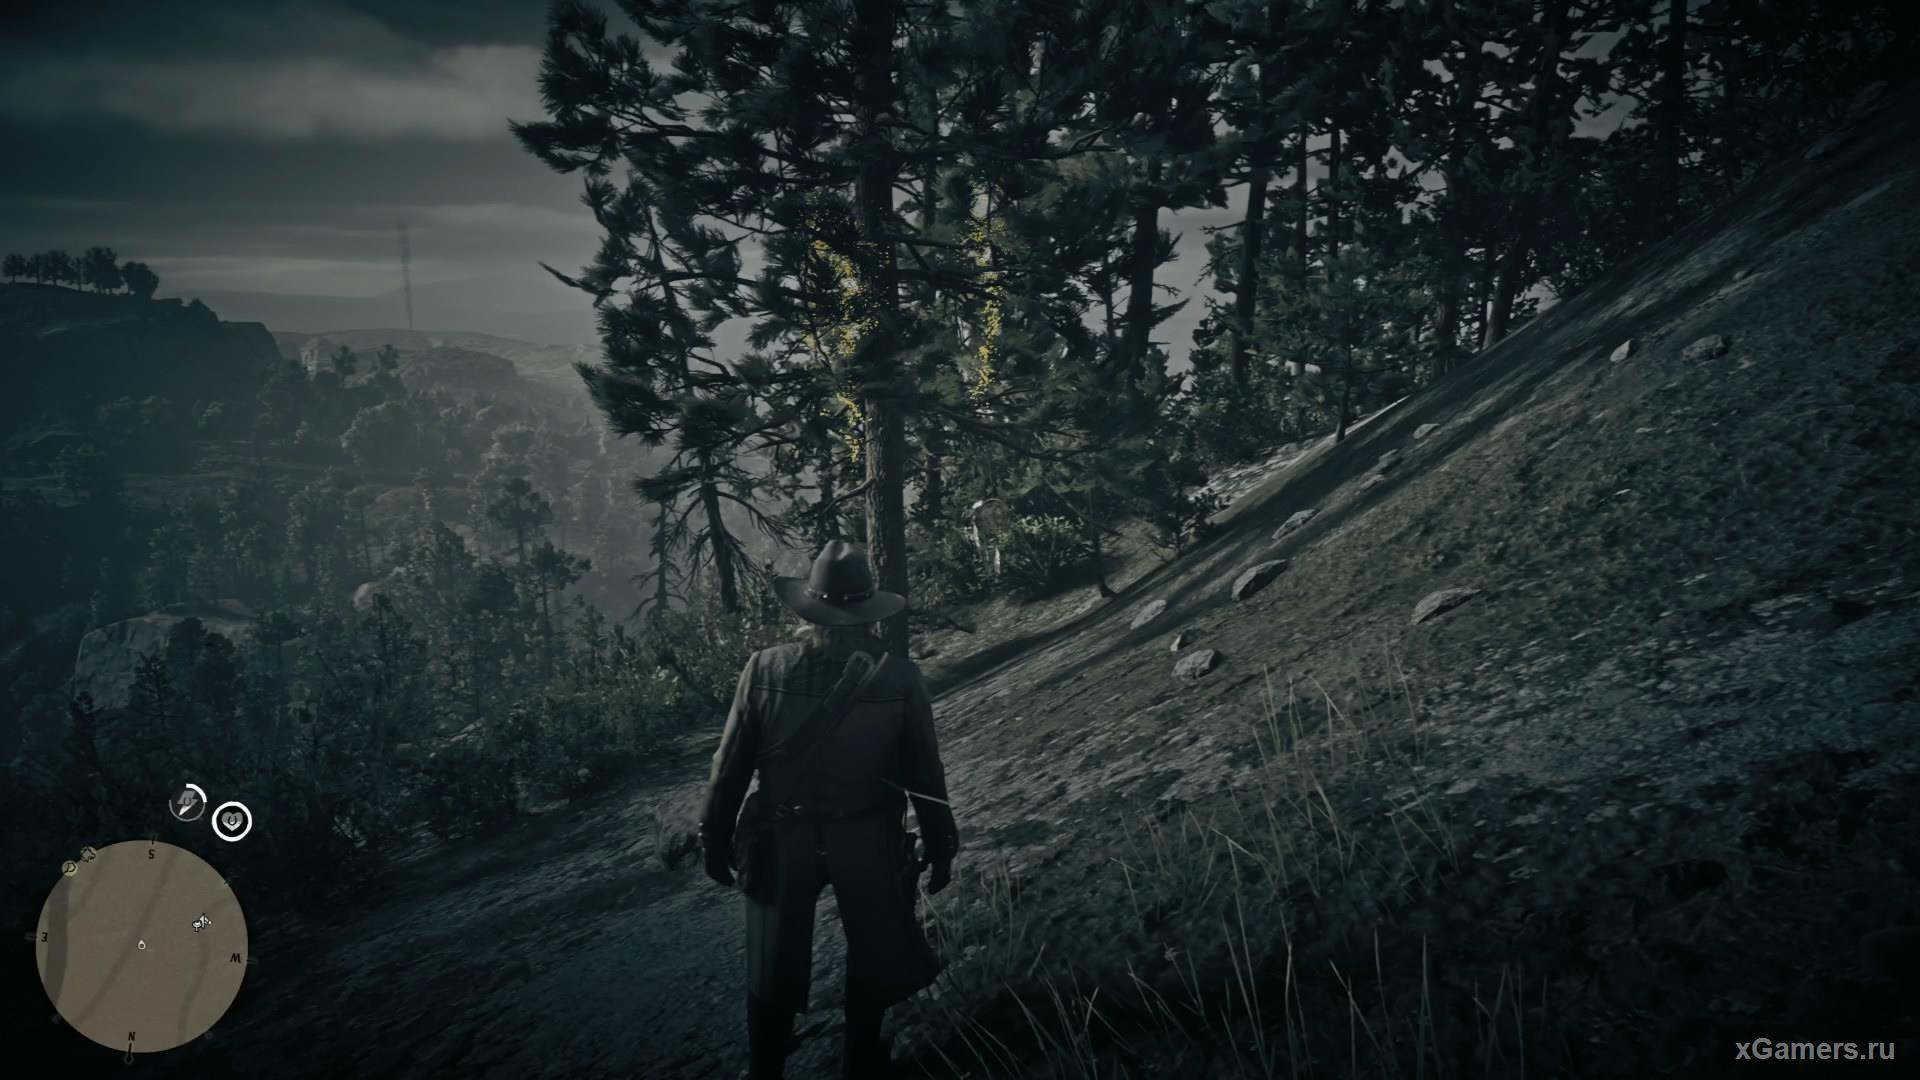 Двадцатый ловец находится около гор Гризли и лесом Камберледн